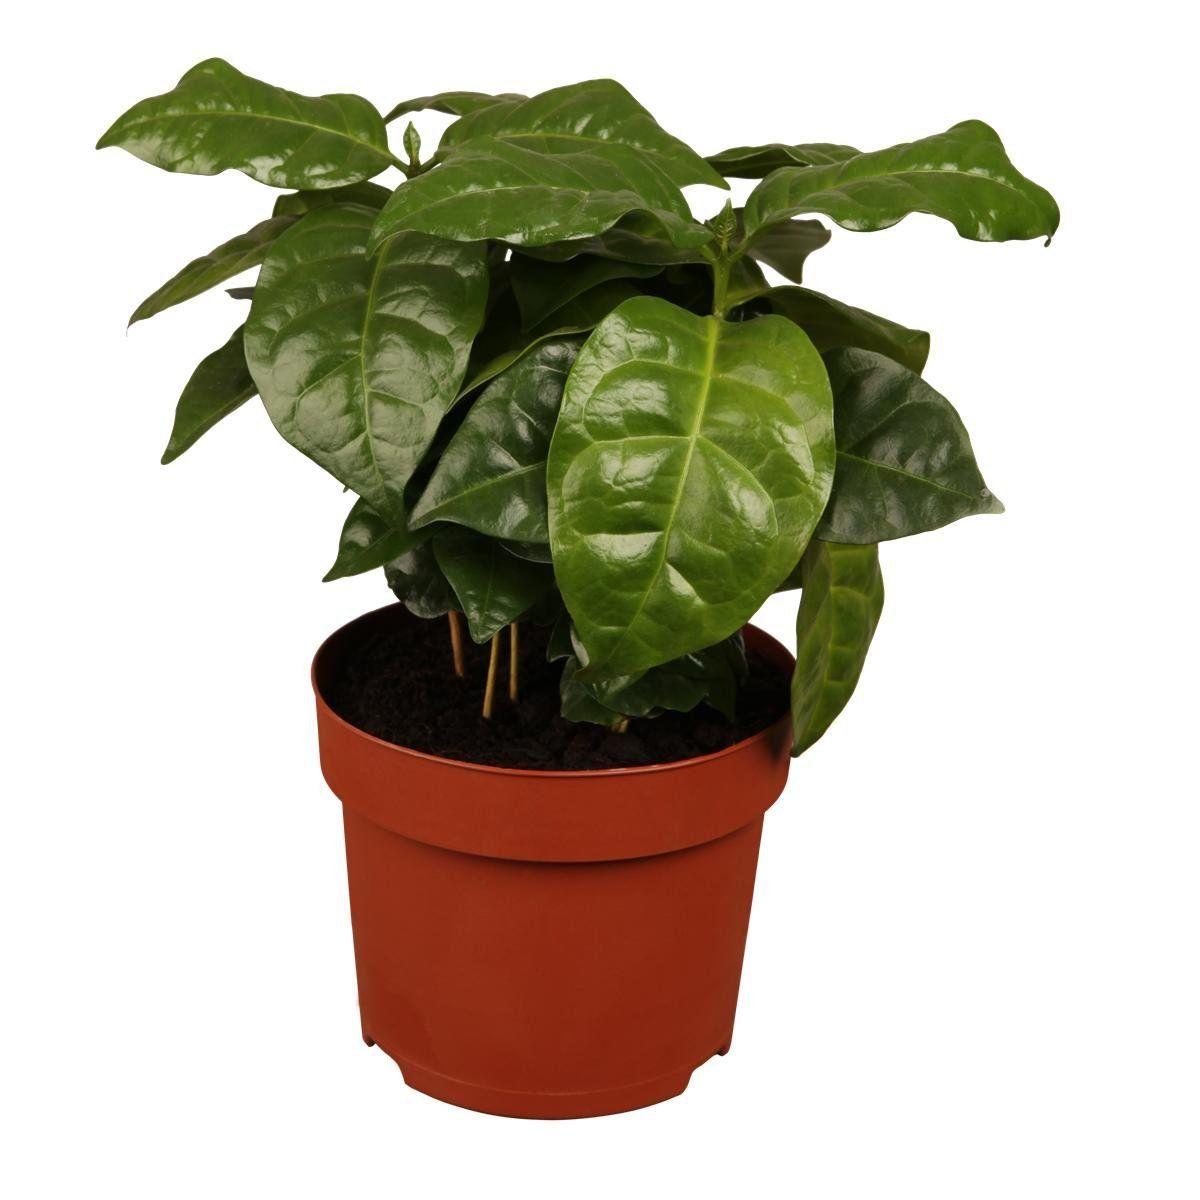 kaffeepflanze kaufen das sollten sie beachten